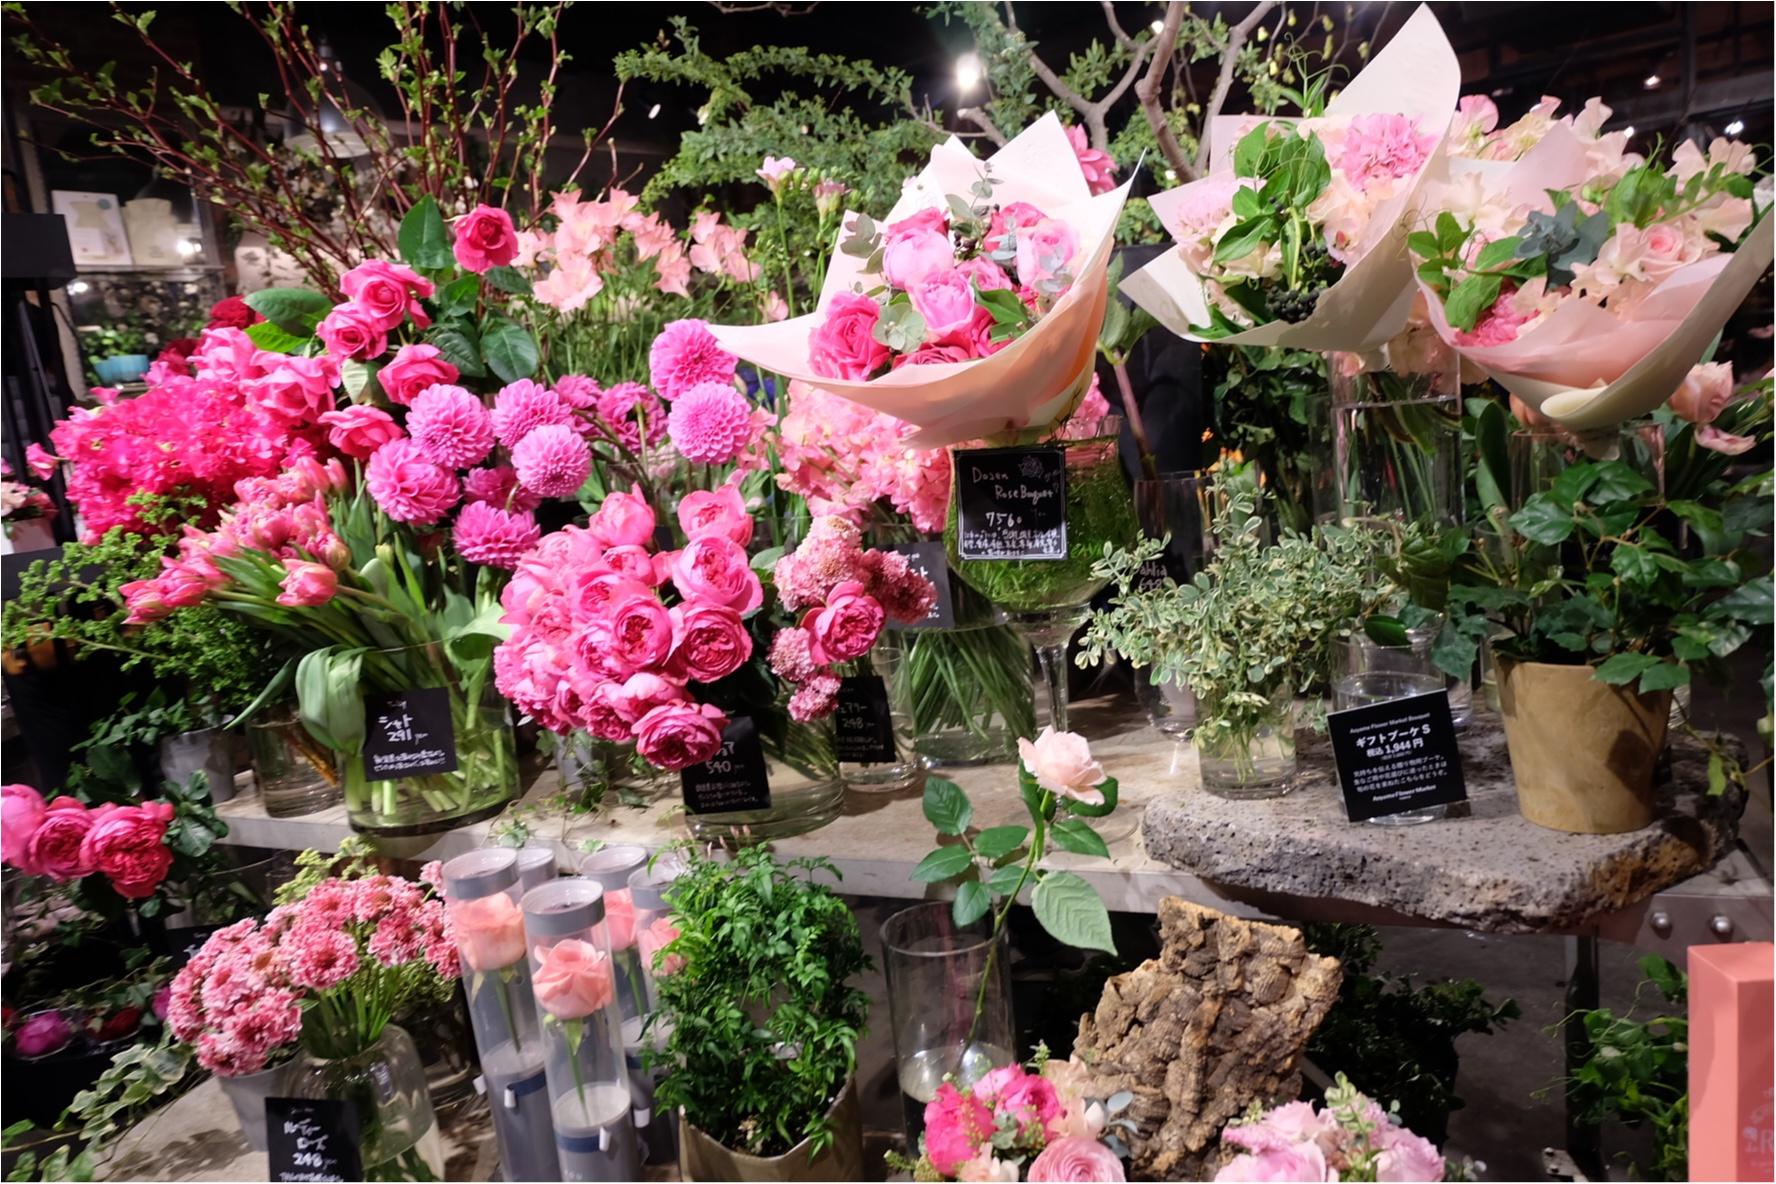 【ご当地MORE♡東京】AOYAMA FLOWER MARKET TEA HOUSEでお花に囲まれて女子会ができちゃう贅沢スポット♡_8